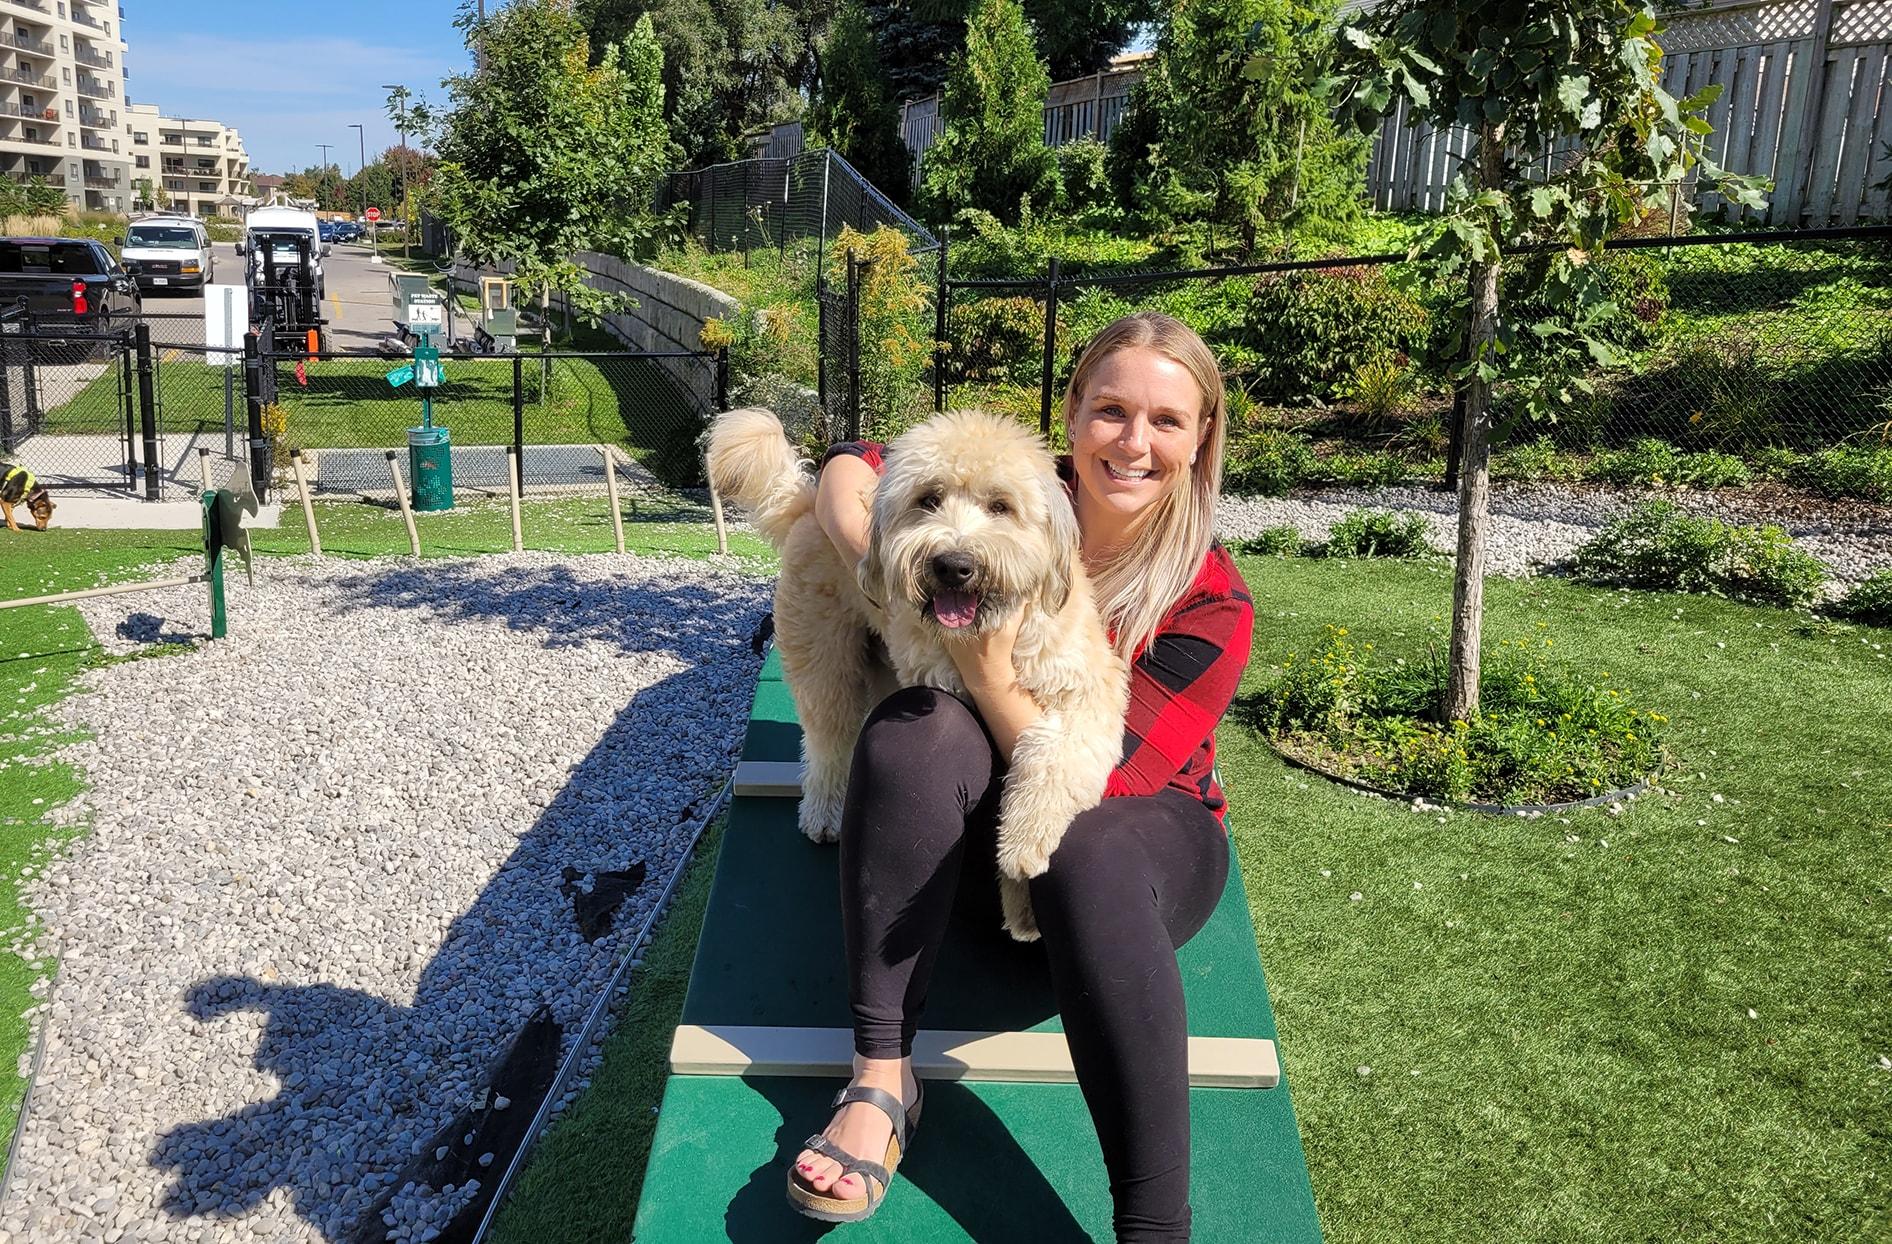 Caylyn s'assoit à l'extérieur sur une table avec son chien sur les genoux.